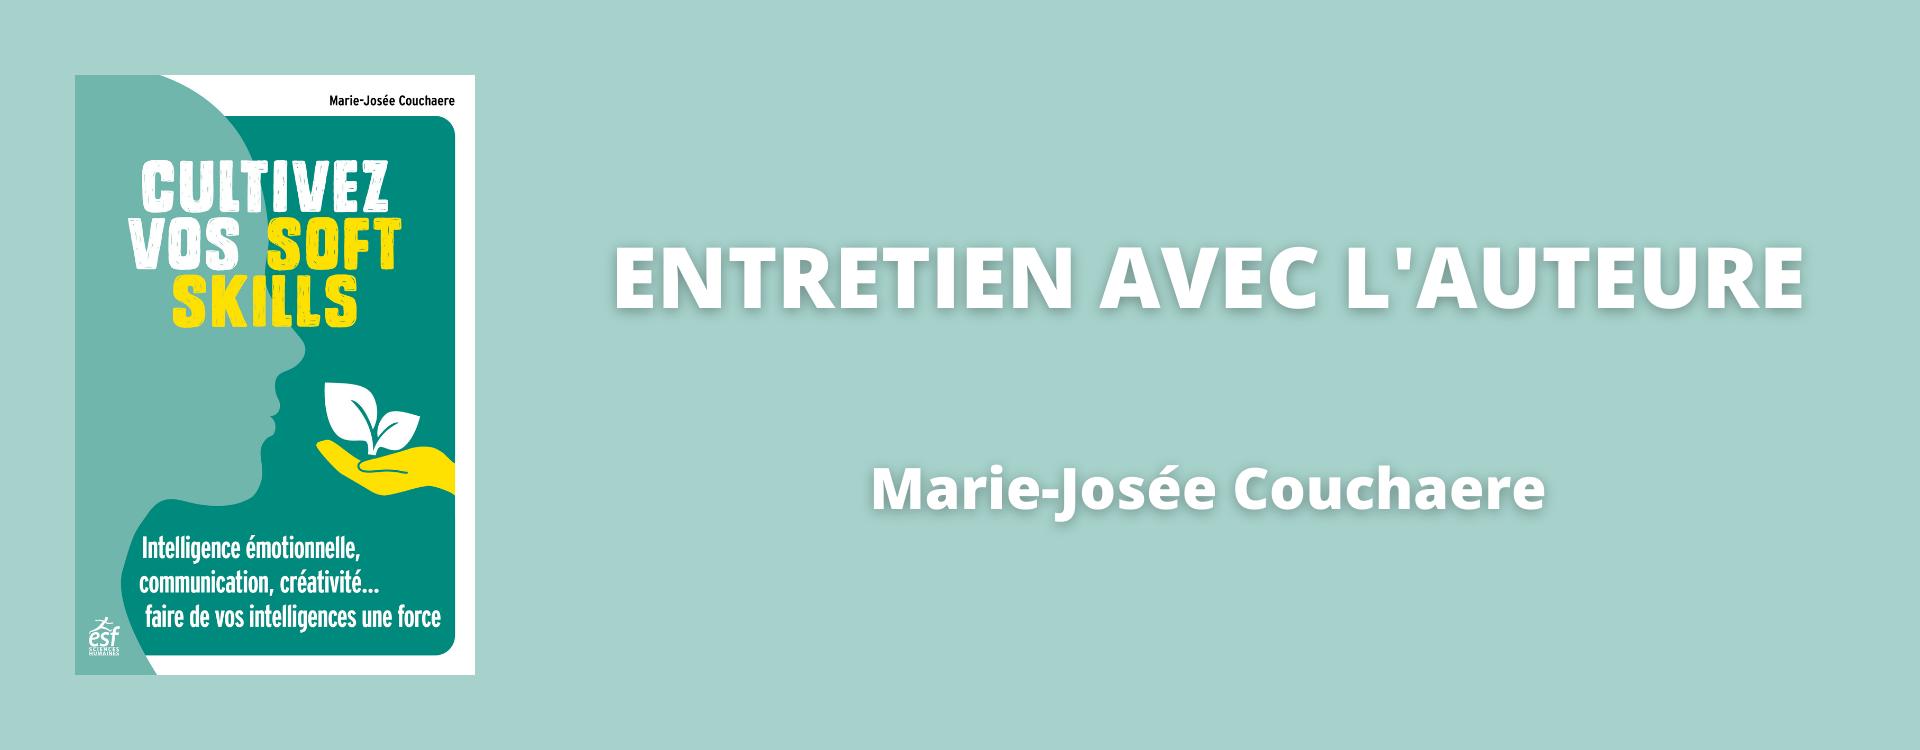 Entretien avec Marie-Josée Couchaere, auteure de Cultivez vos softs skills